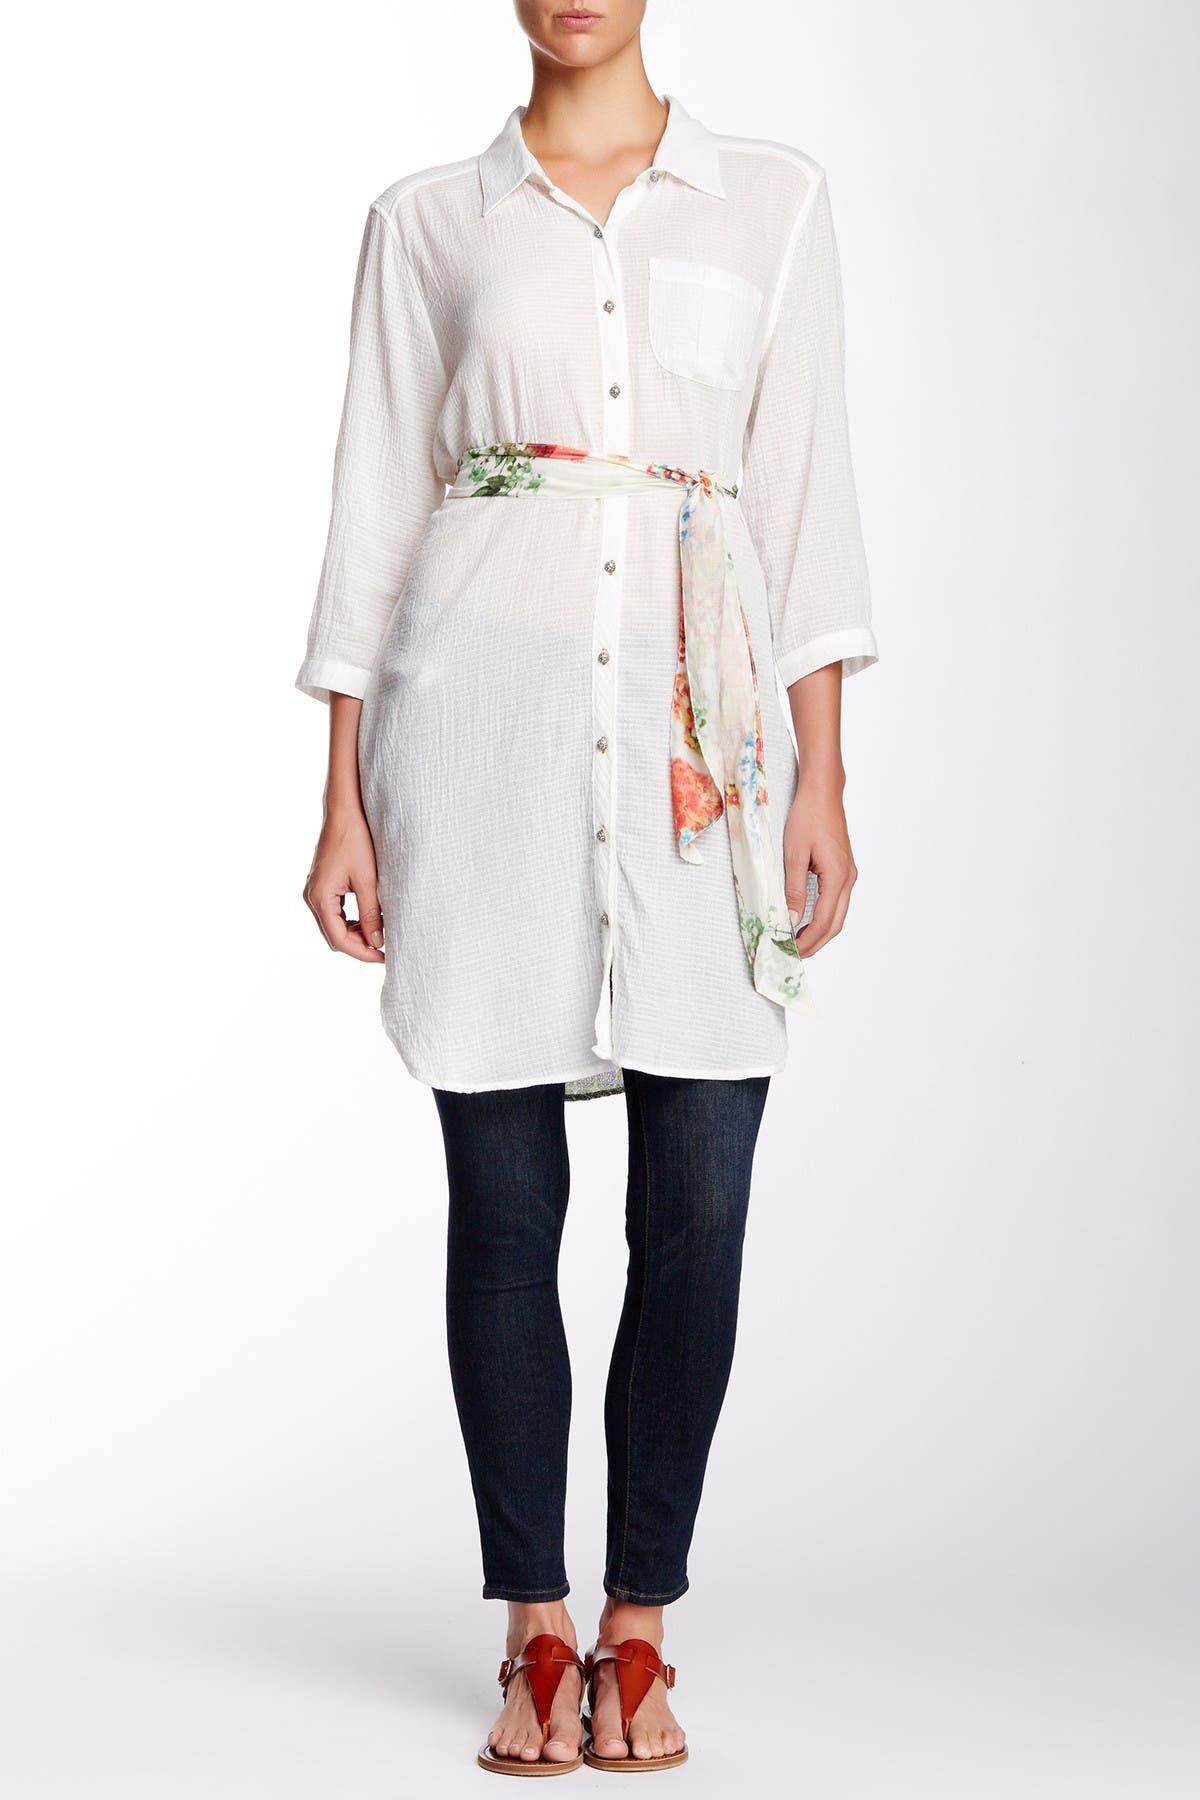 Image of ARATTA Knit Print Woven Tunic